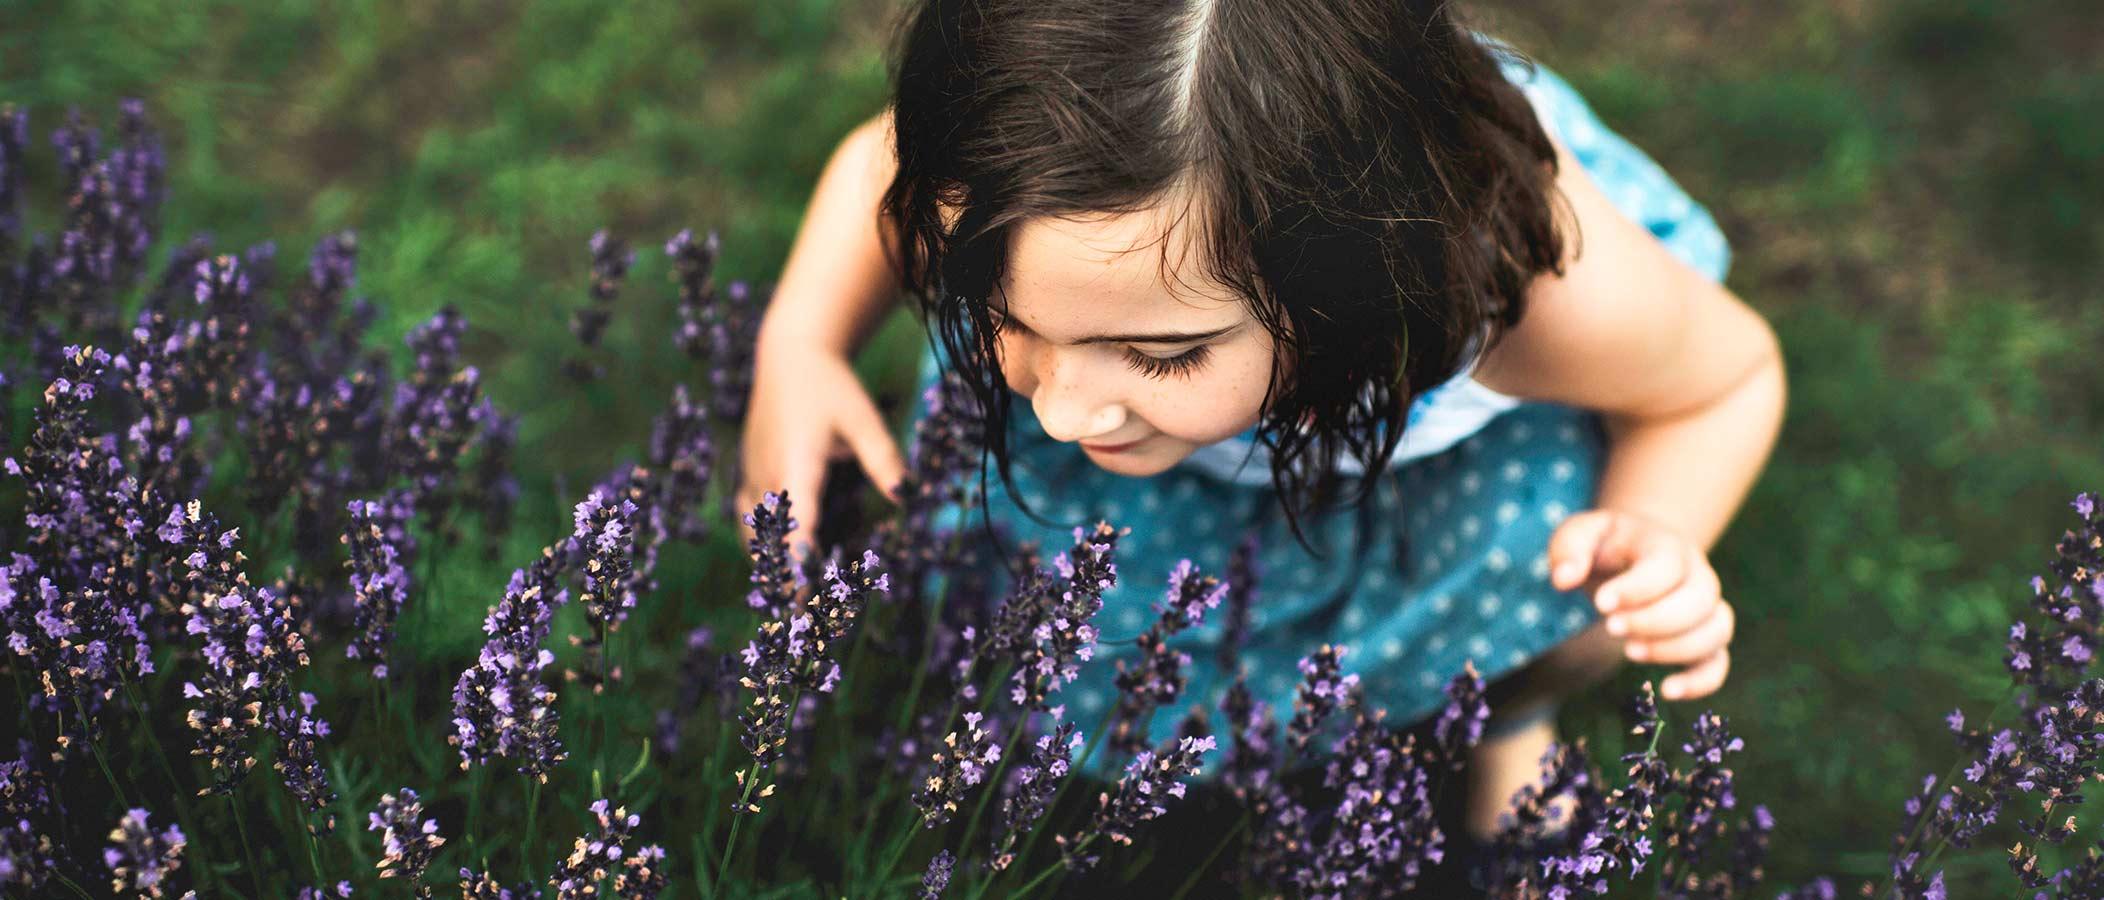 Niña pequeña oliendo flores